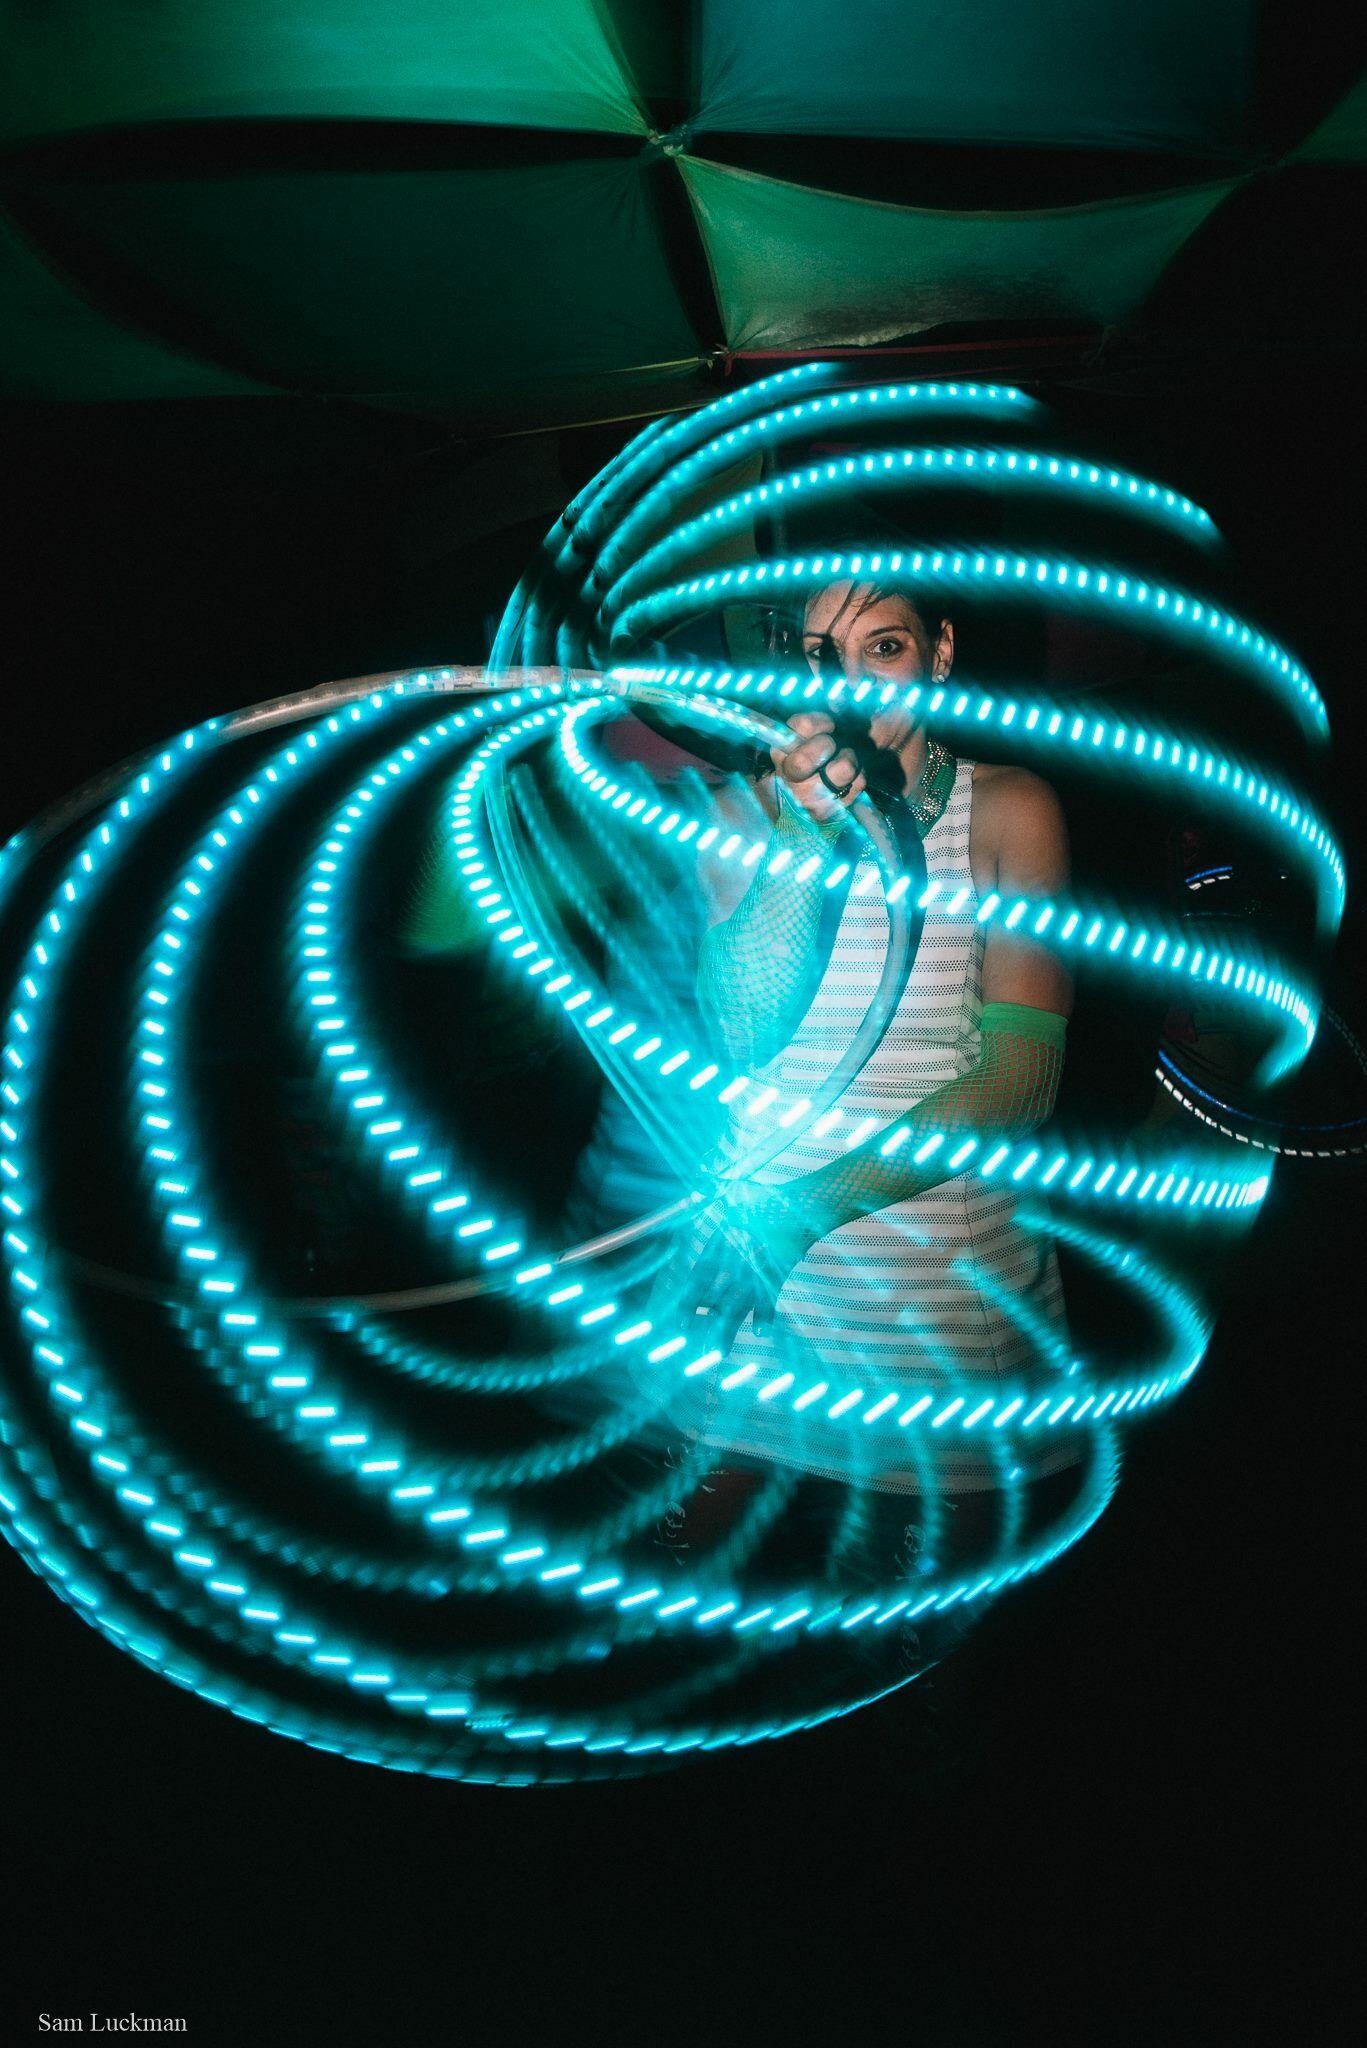 lili led lights.jpeg